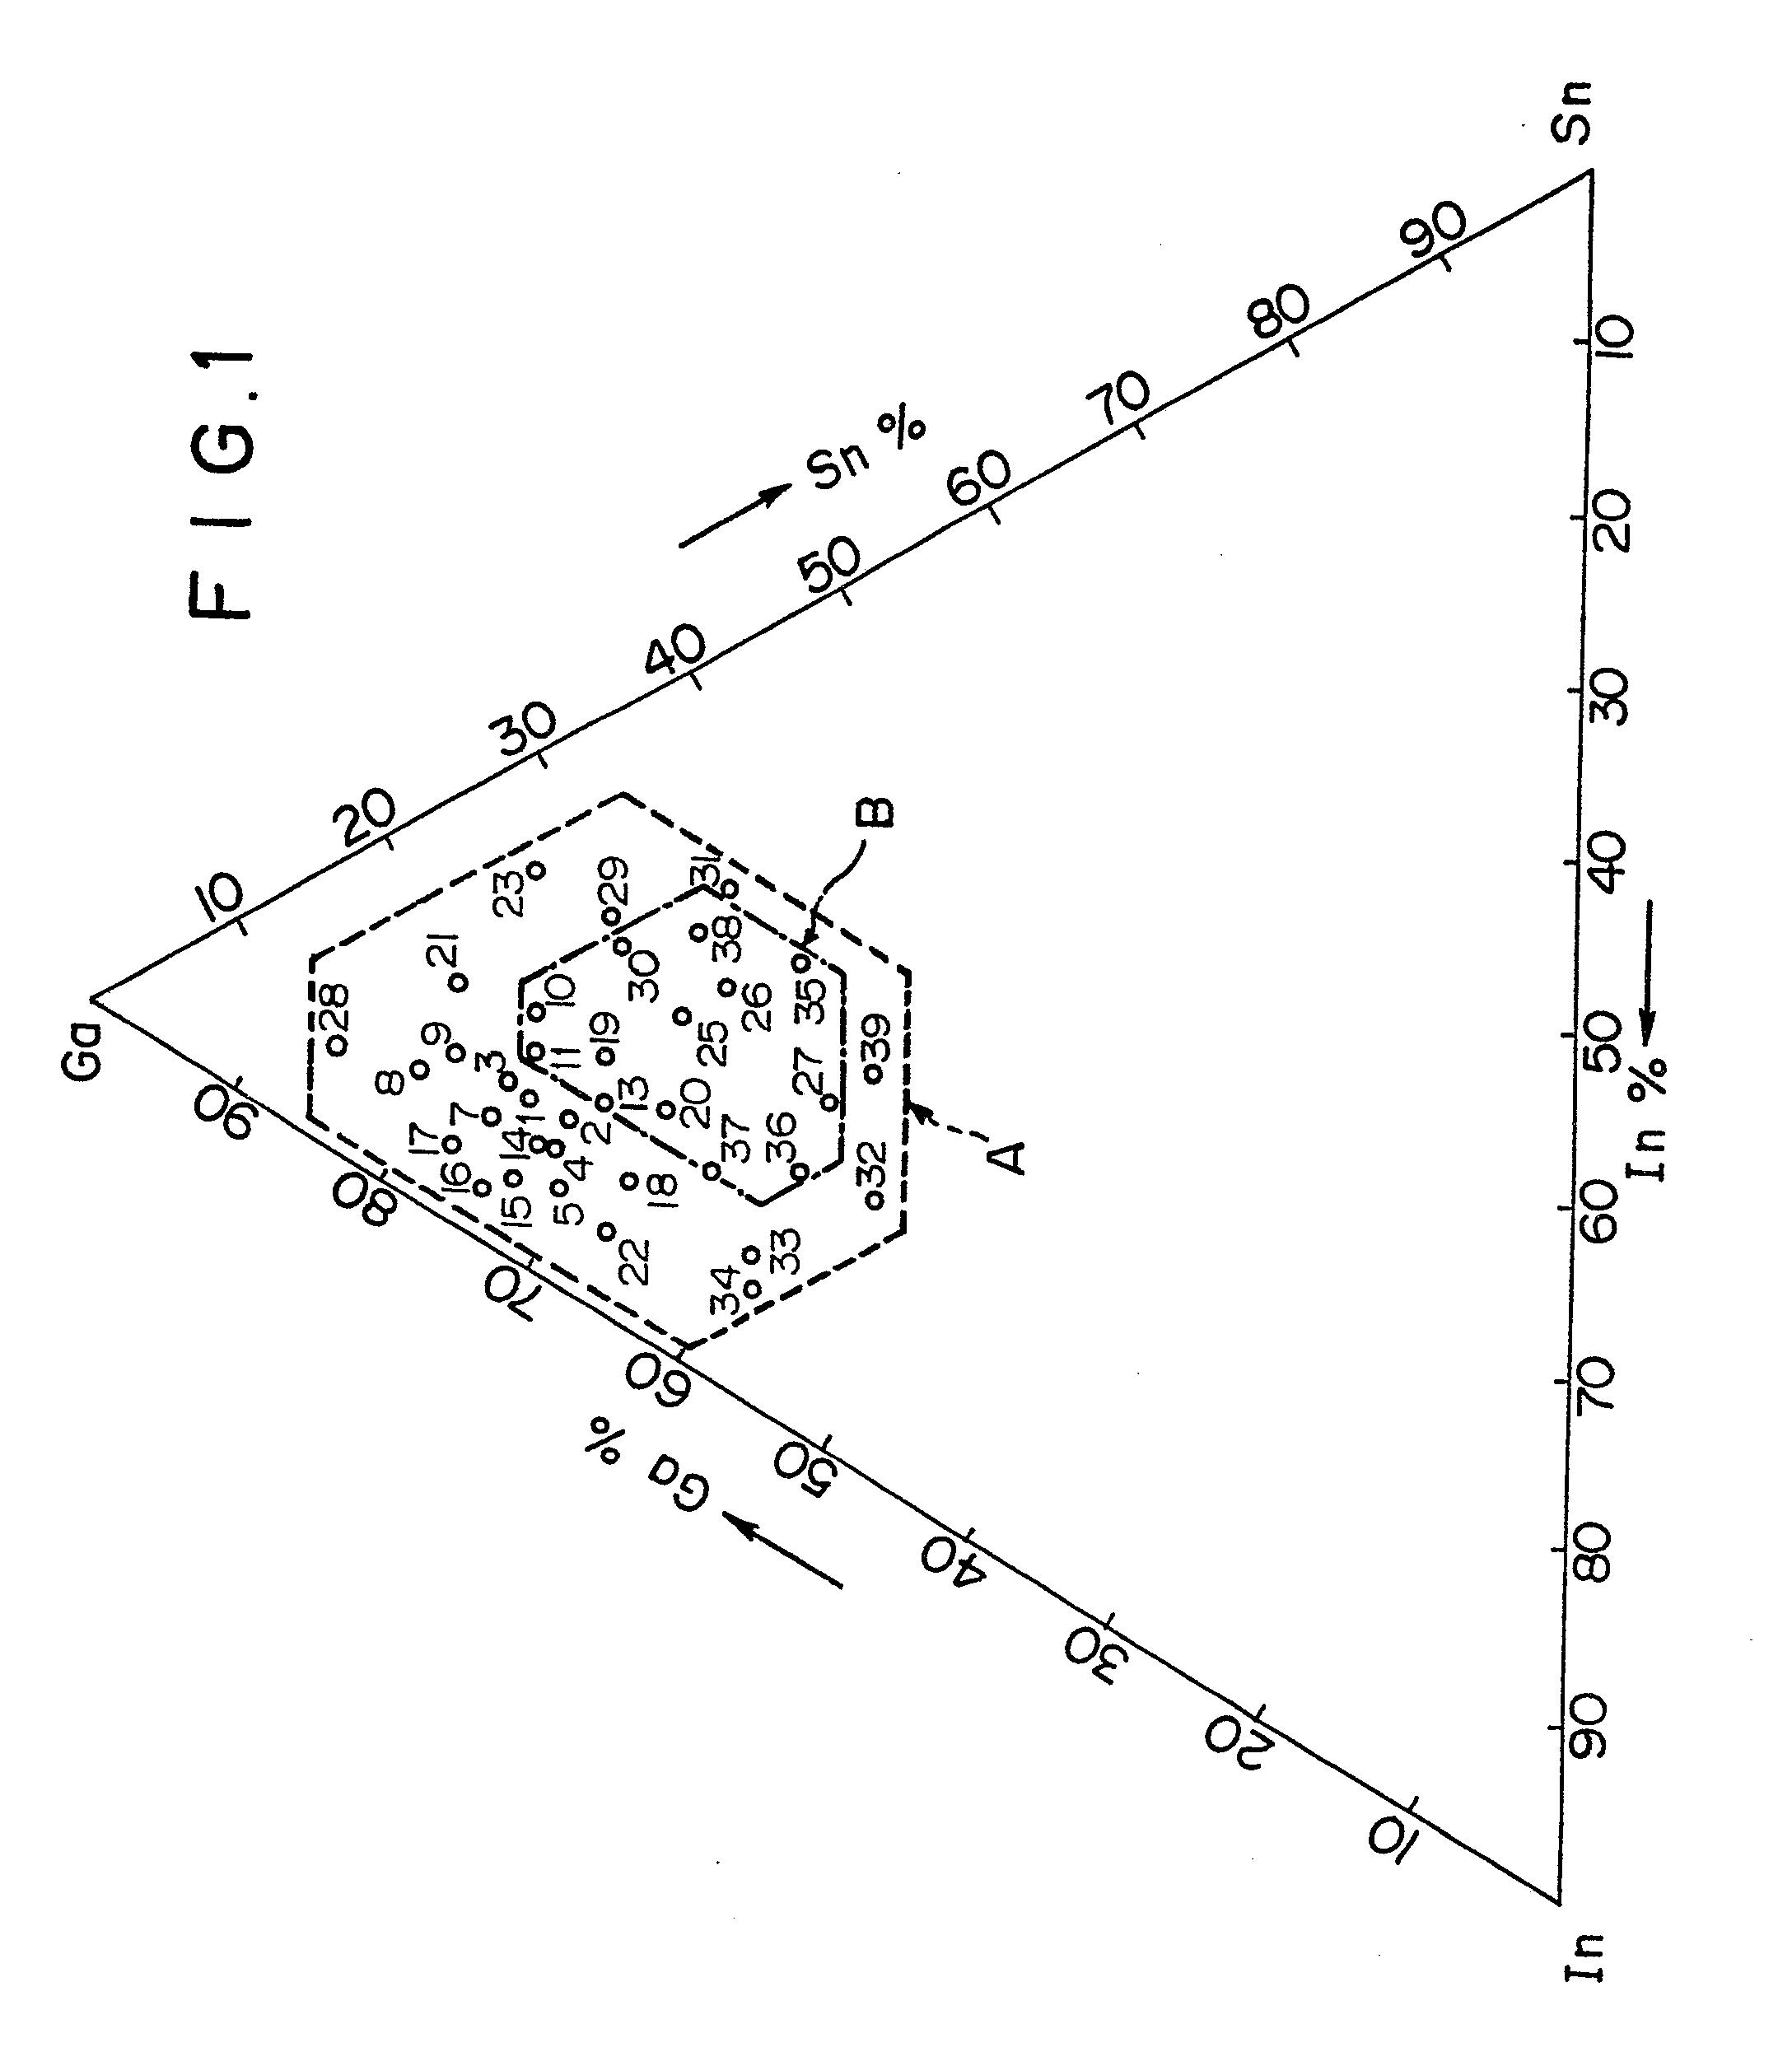 palladium copper phase diagram